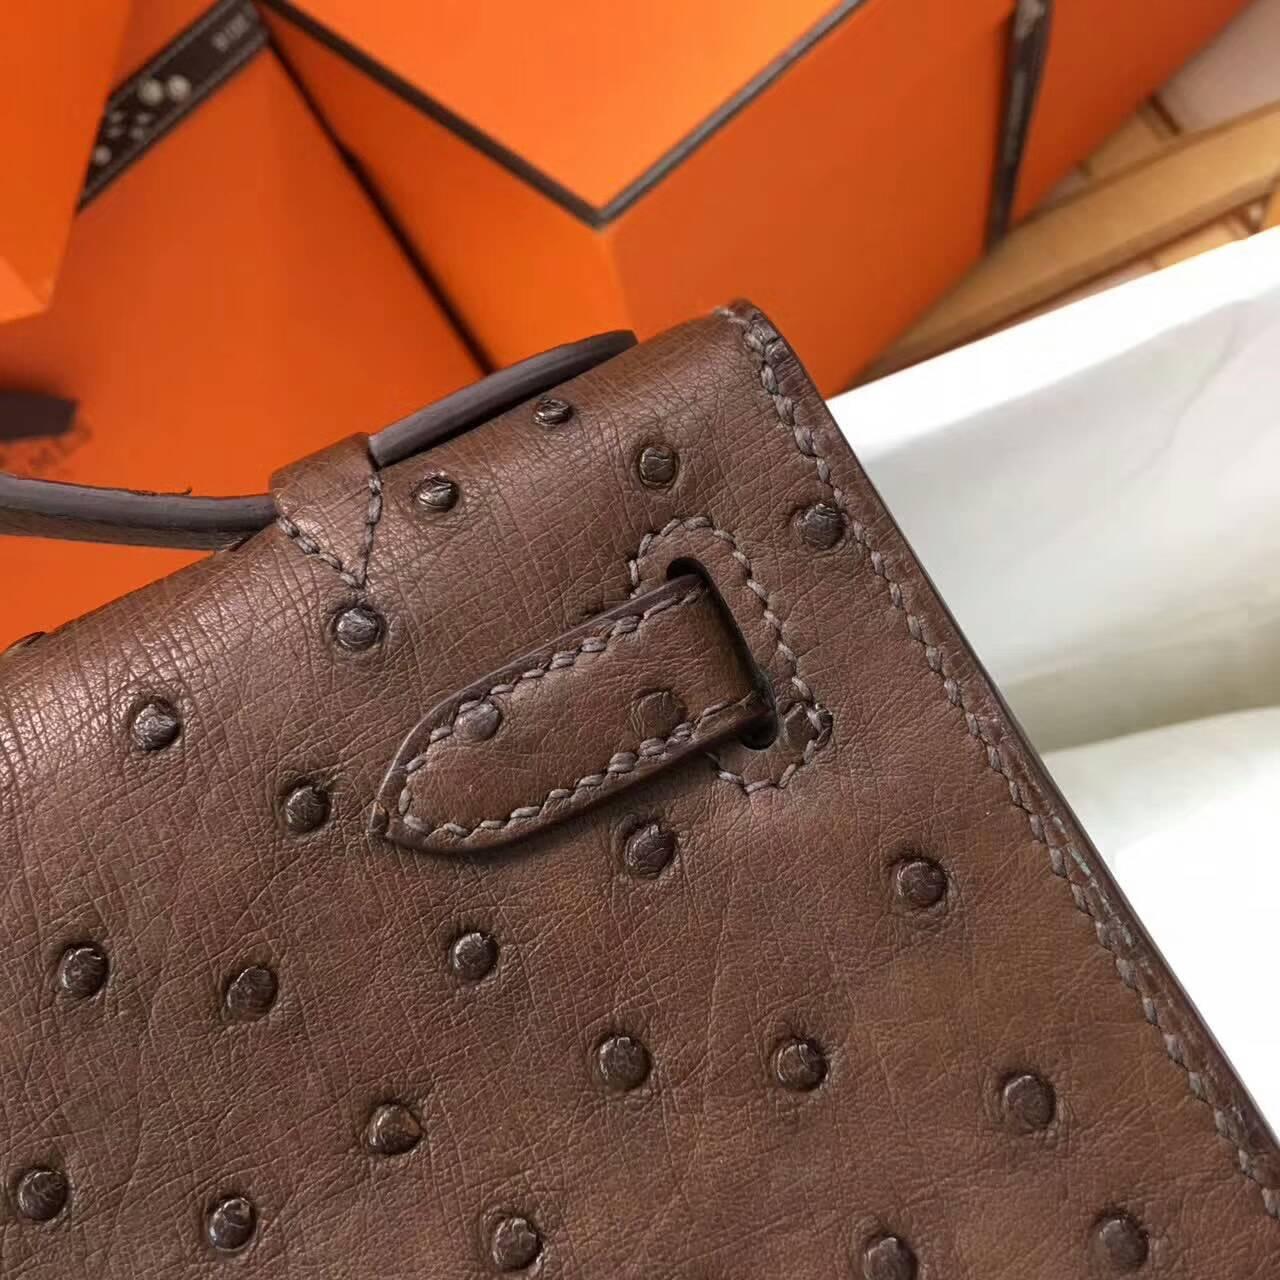 Hermes爱马仕 Mini Kelly pochette 22cm Ostrich Leather 南非原产KK级鸵鸟皮 47 Chocolat 巧克力色 深啡 金扣